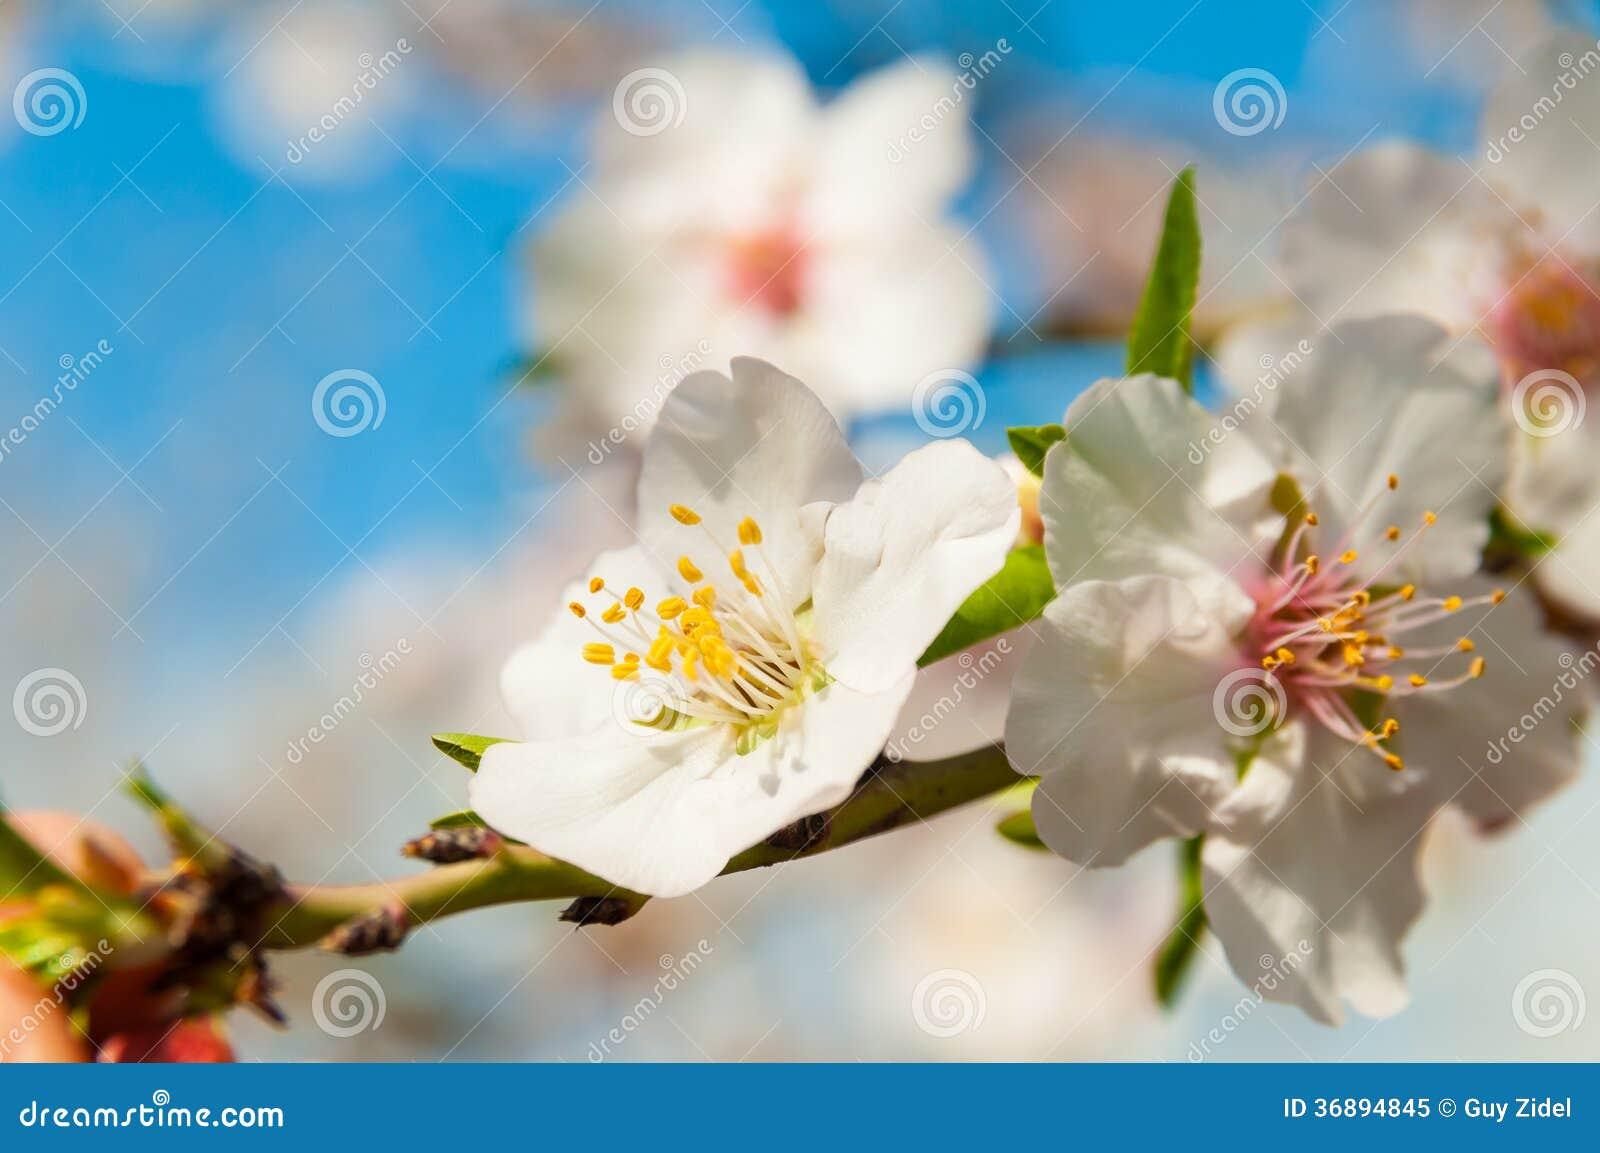 Download Fiori della primavera immagine stock. Immagine di fiore - 36894845